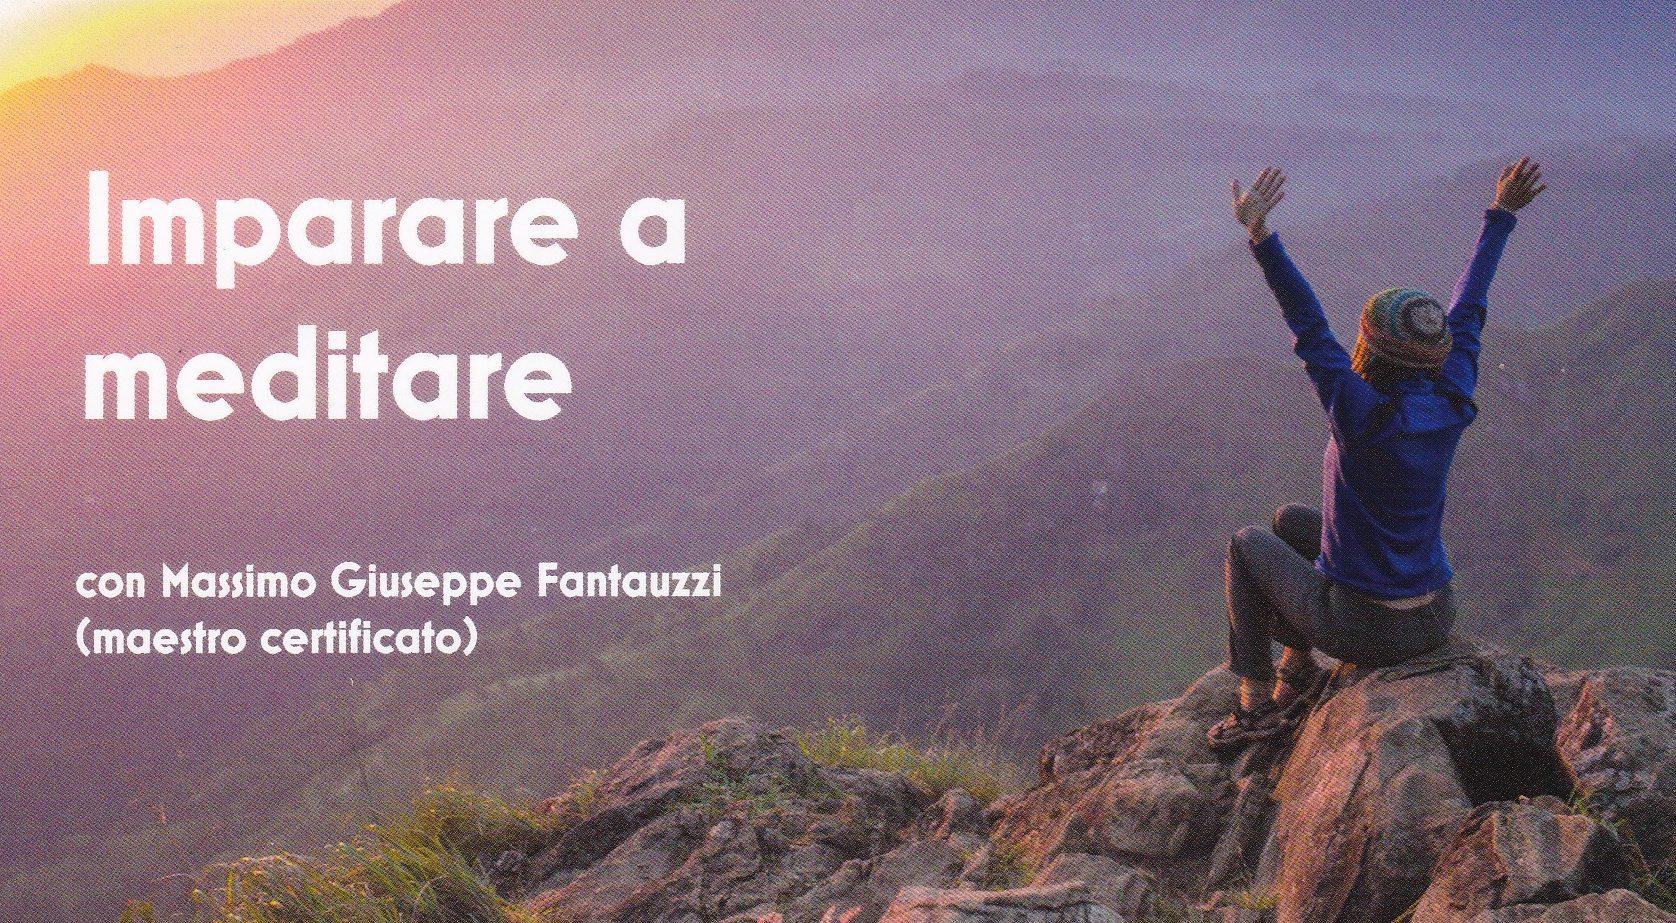 Imparare a meditare con Massimo Fantauzzi